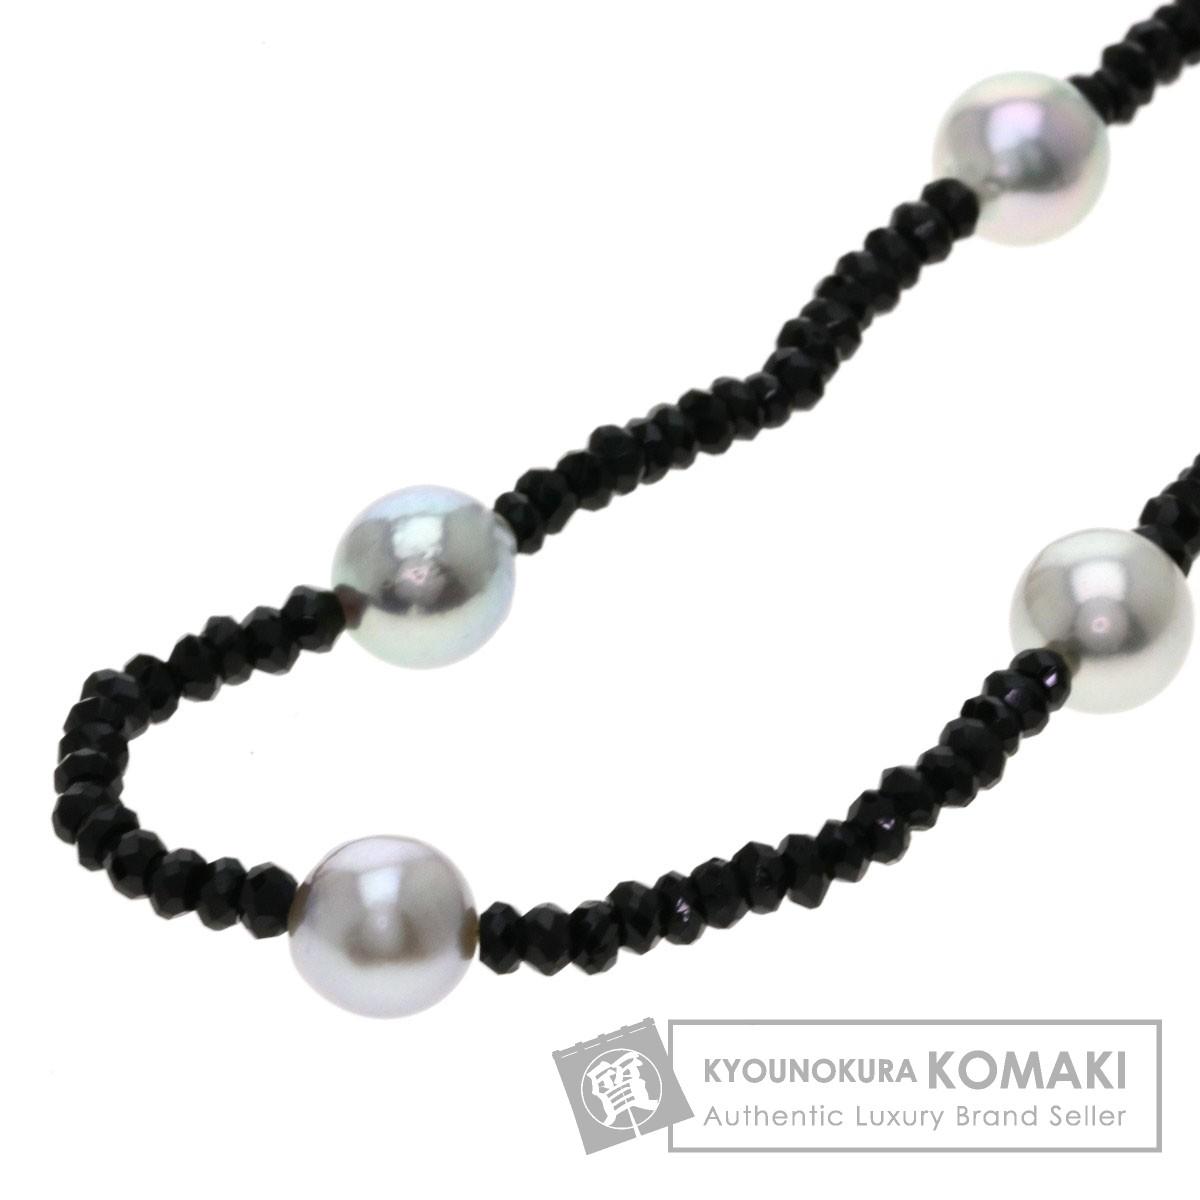 パール/真珠/スピネル/ロングネックレス ネックレス K18ホワイトゴールド 42.7g レディース 【中古】